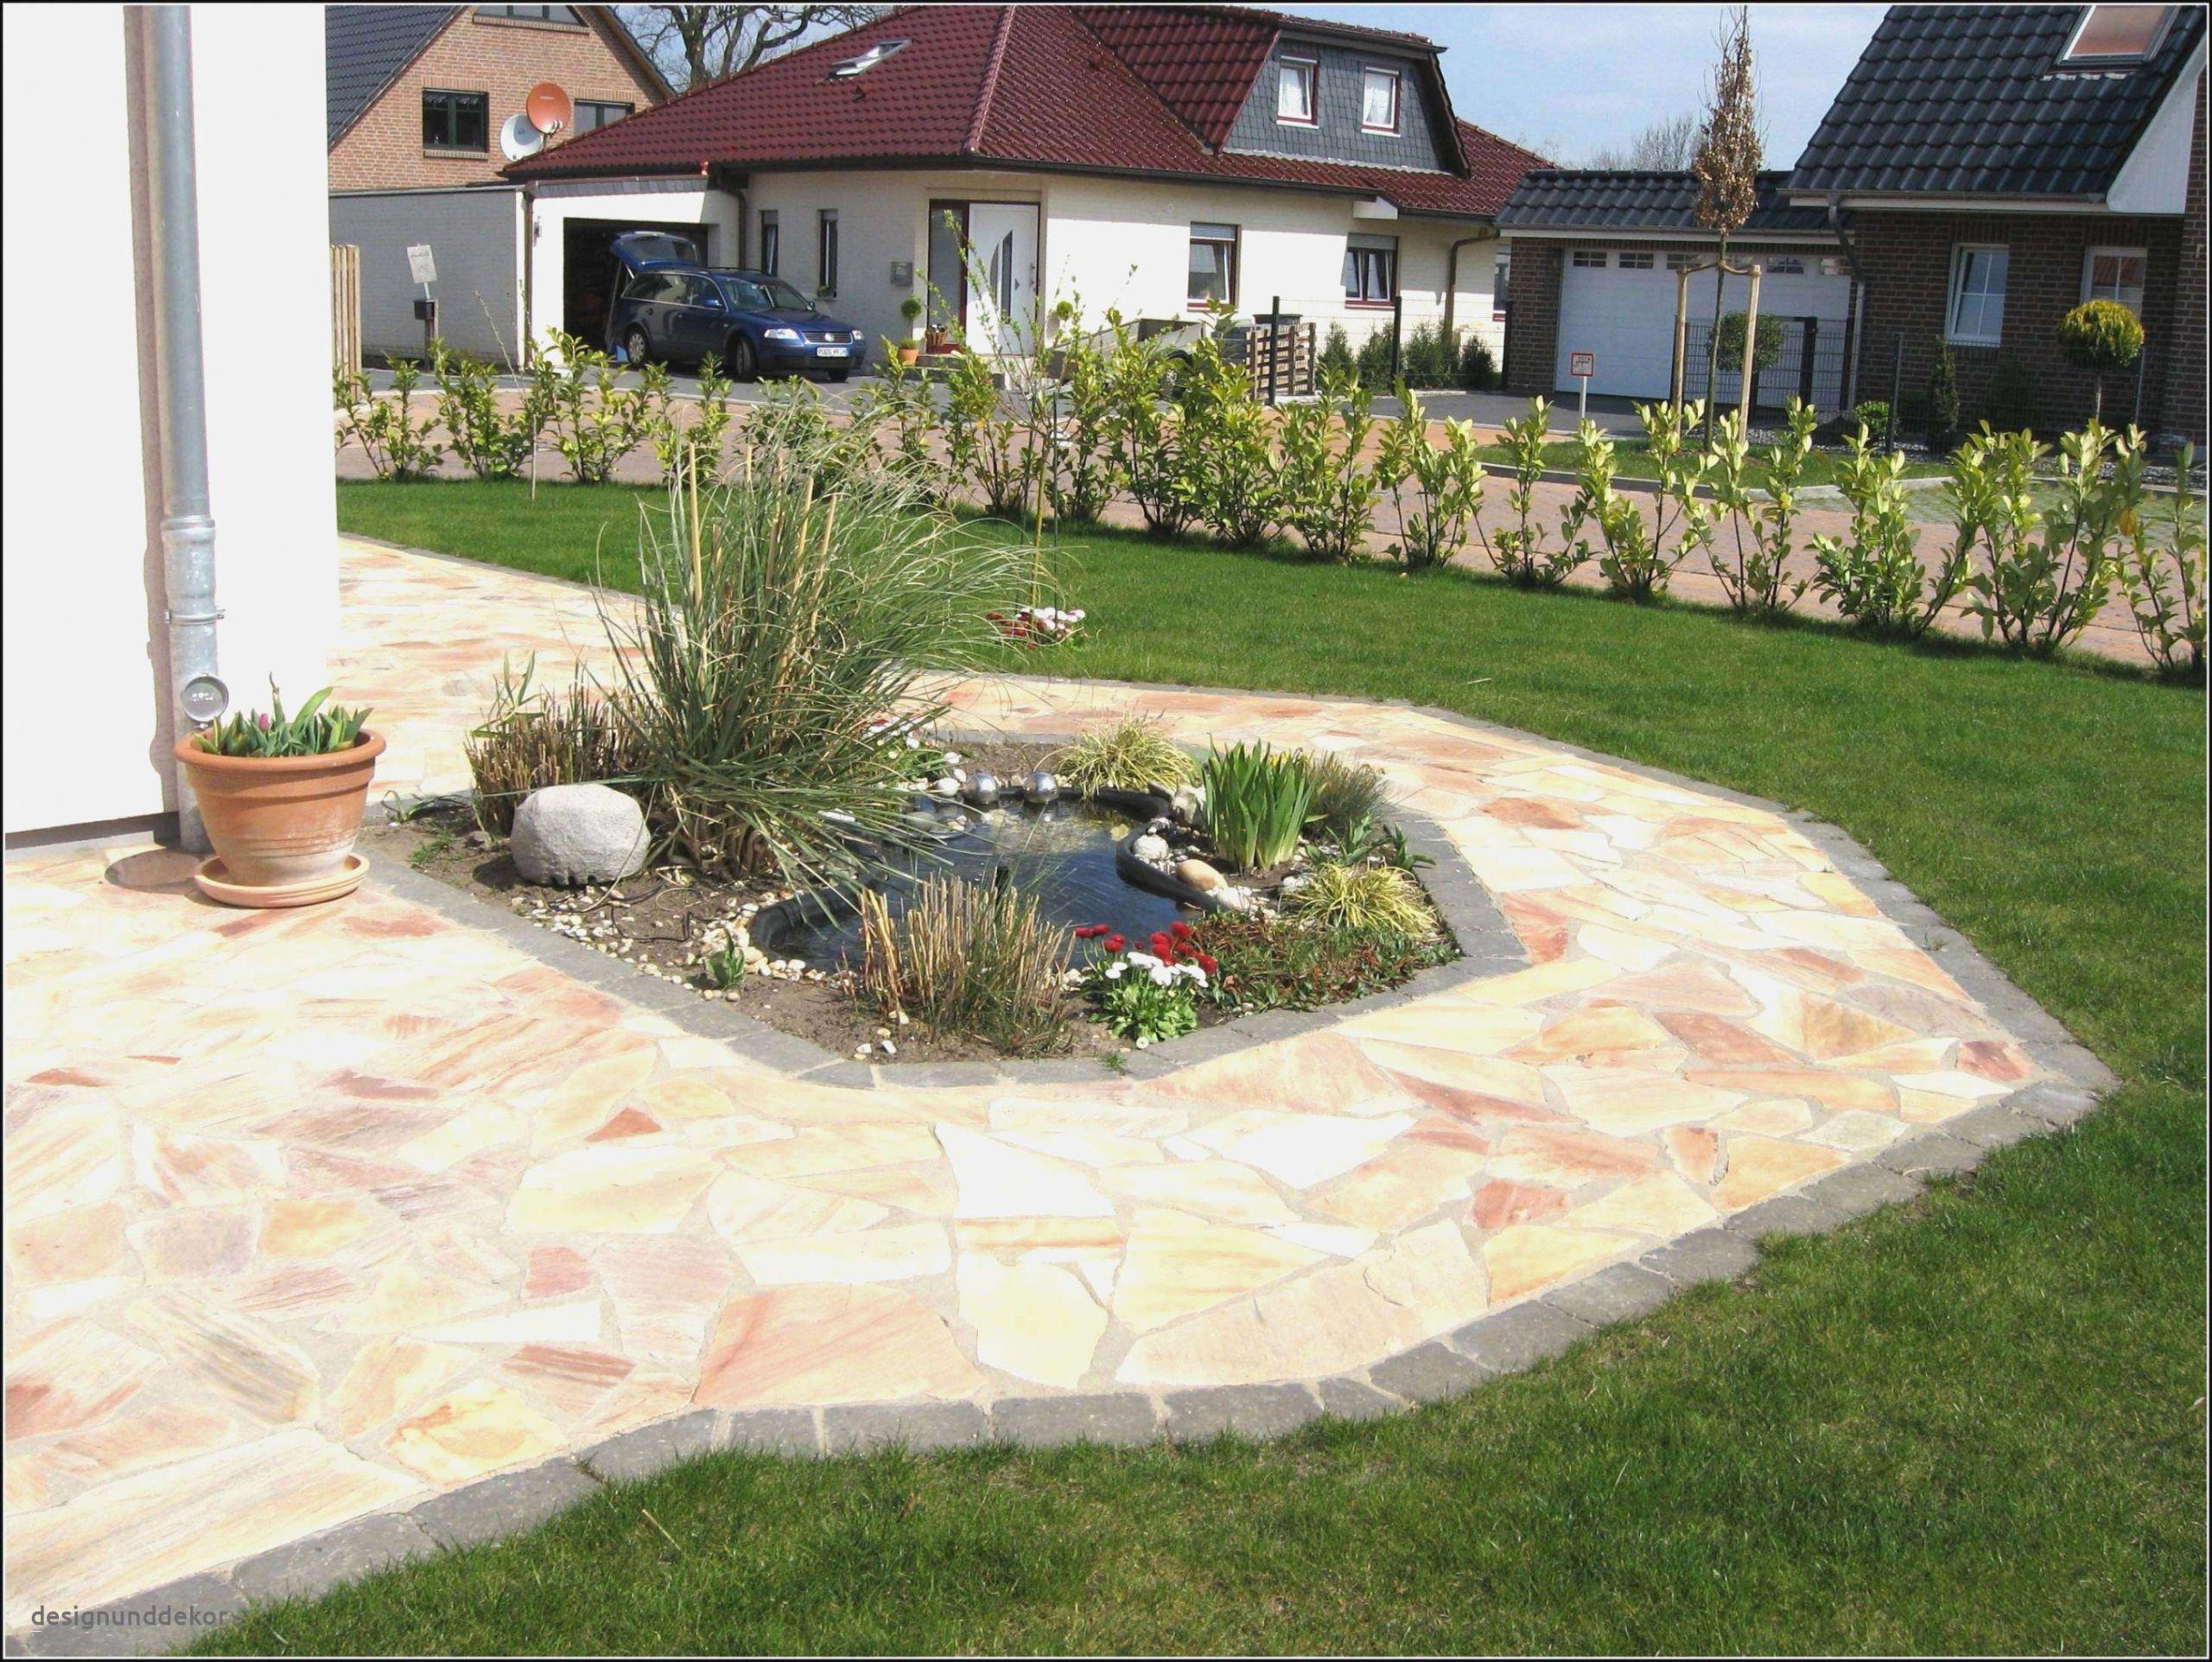 Garten Mit Steinen Gestalten Luxus Gartengestaltung Ideen Mit Steinen — Temobardz Home Blog